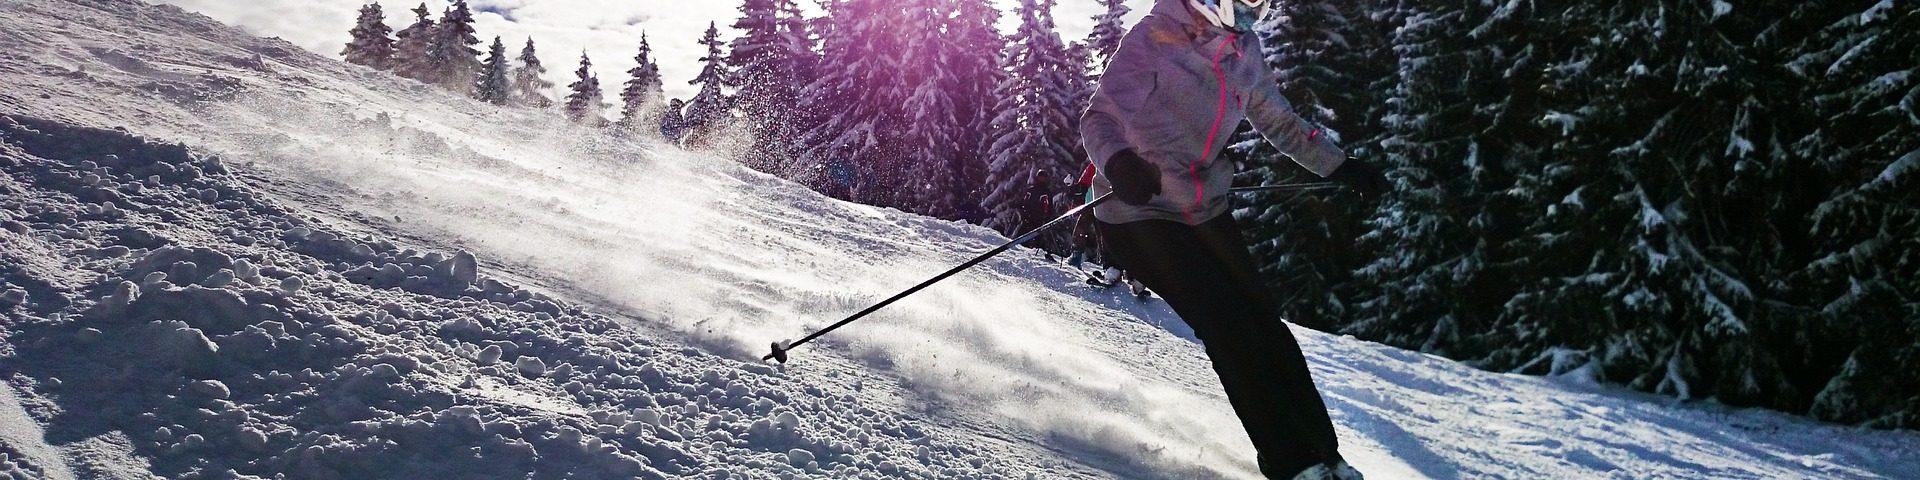 Skieur qui descend une piste de montagne